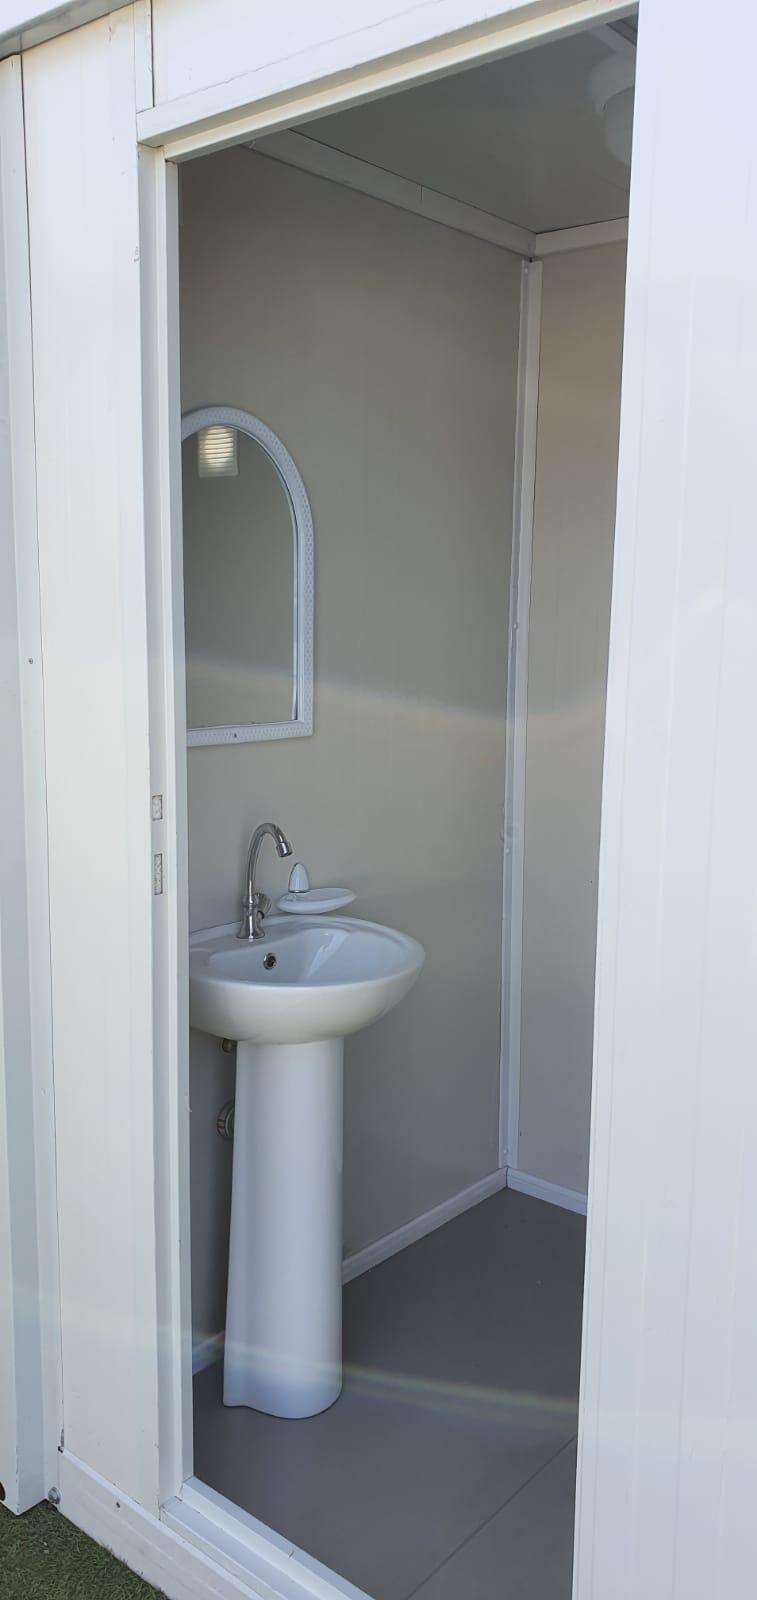 1.45_1.45שירותים